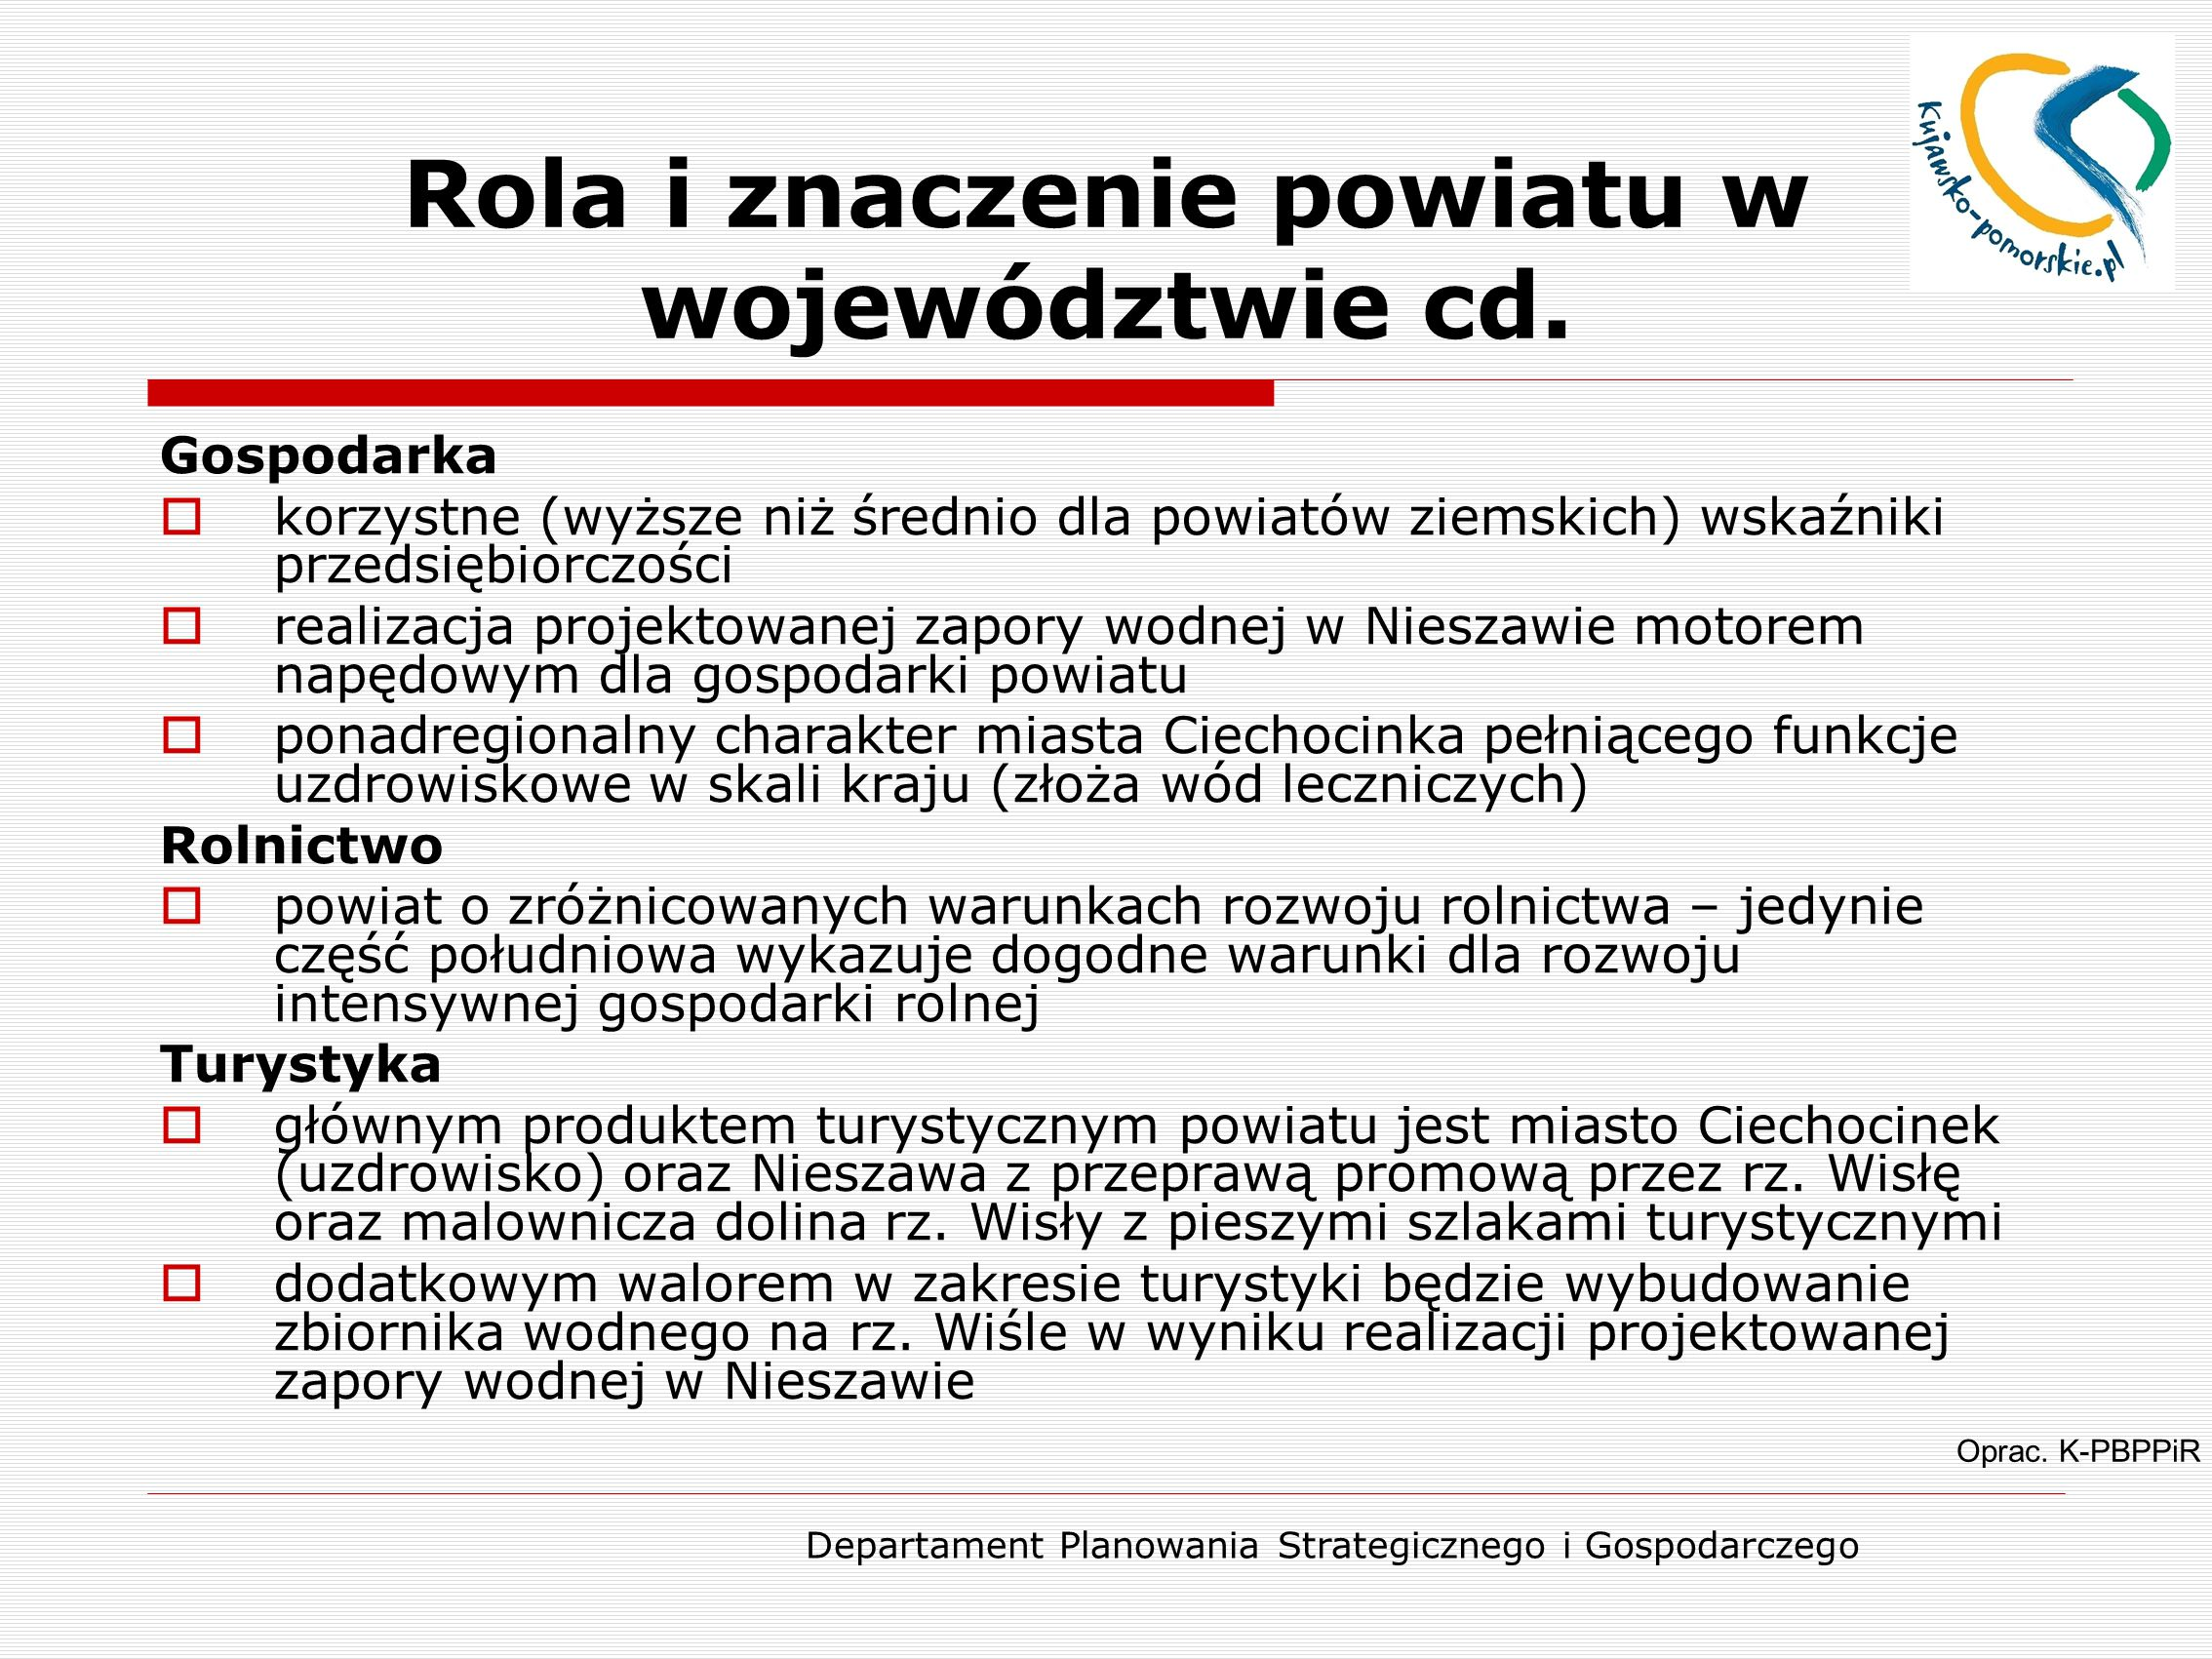 Rola i znaczenie powiatu w województwie cd.